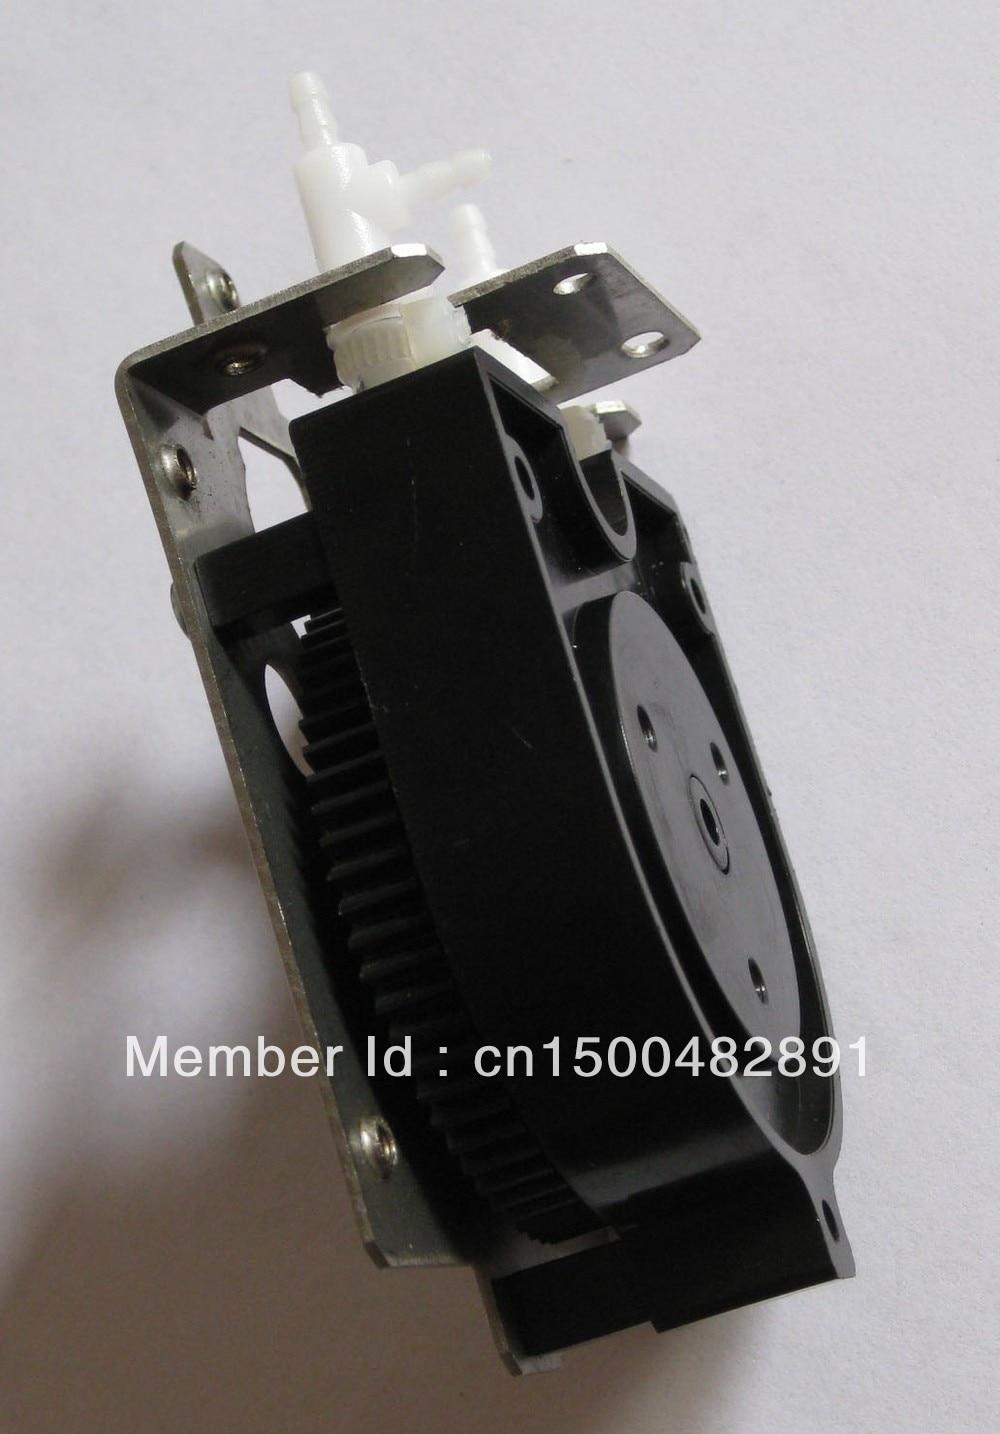 U-type pump for Roland SP/XC/VP/RS series printers roland versacamm sp 540i